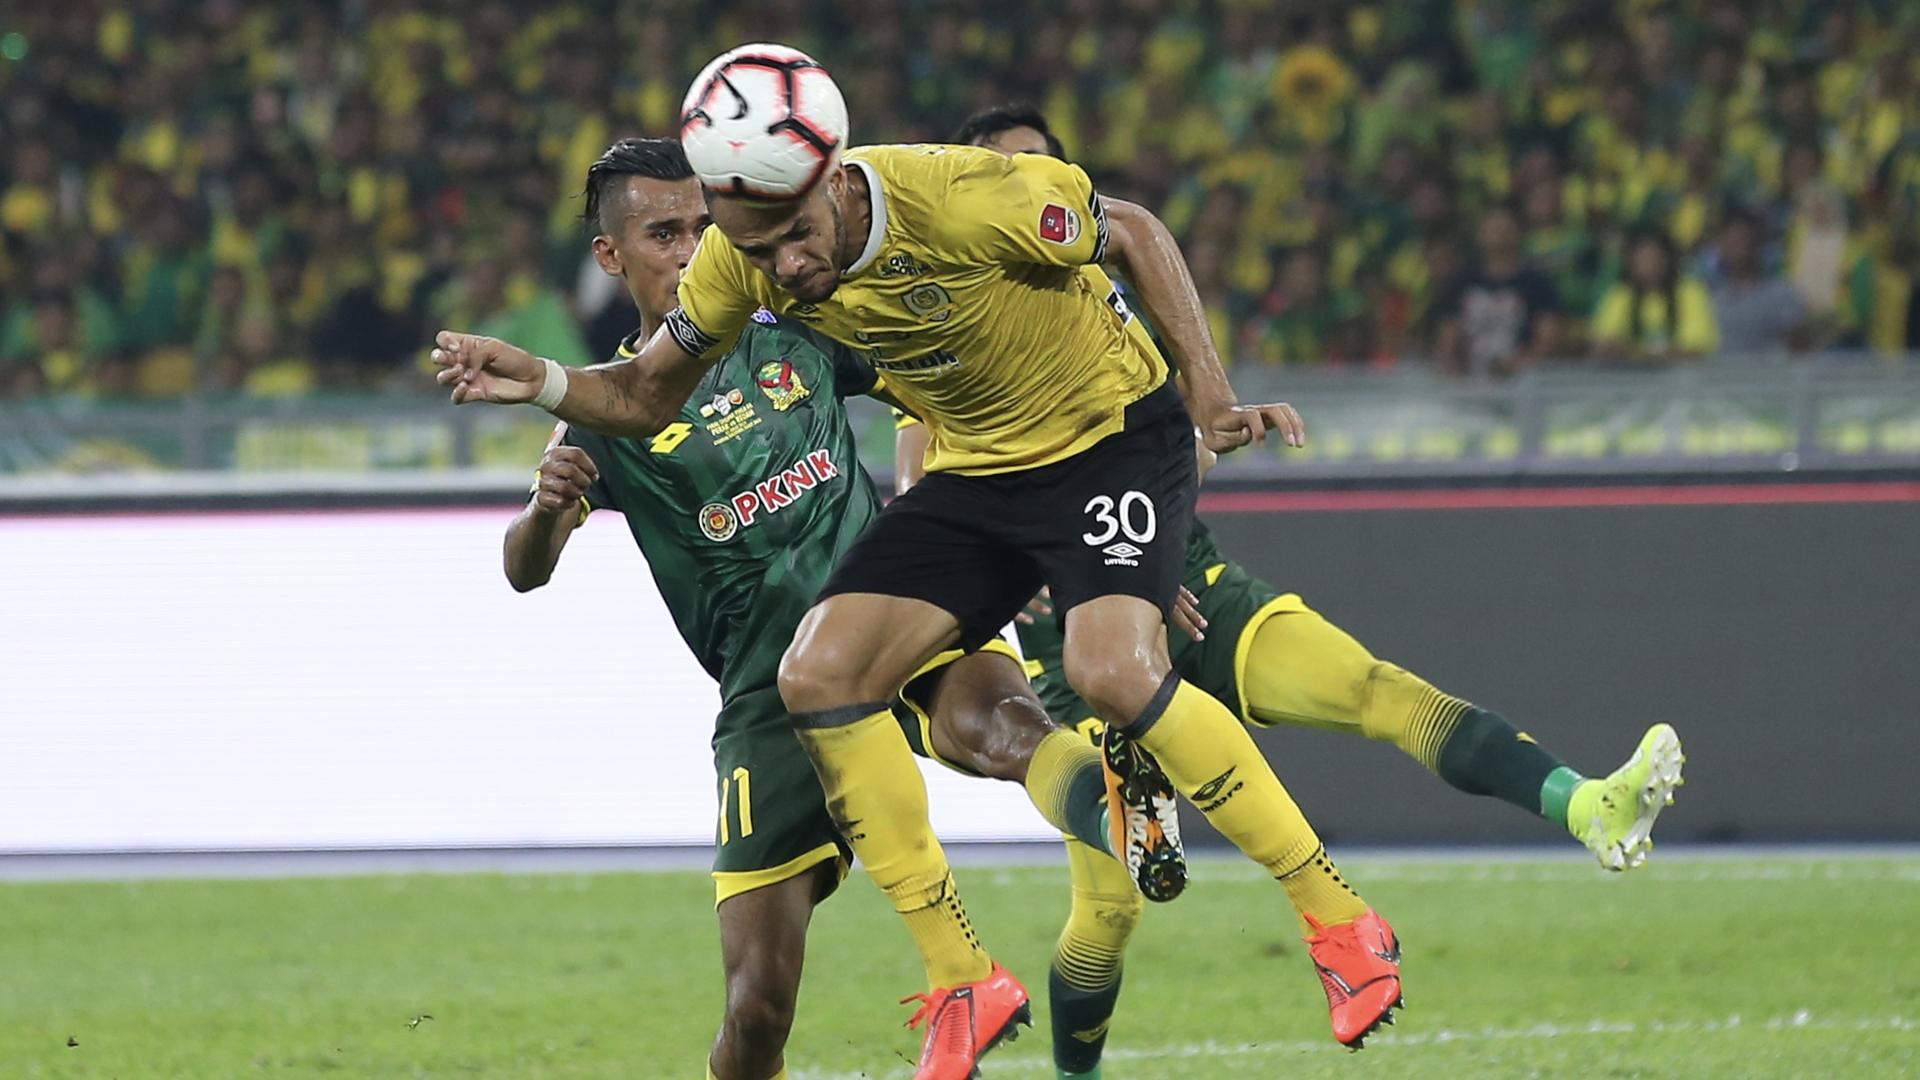 Raianderson da Costa Morais, Shakir Hamzah, Perak v Kedah, Malaysia Fa Cup final, 27 Jul 2019